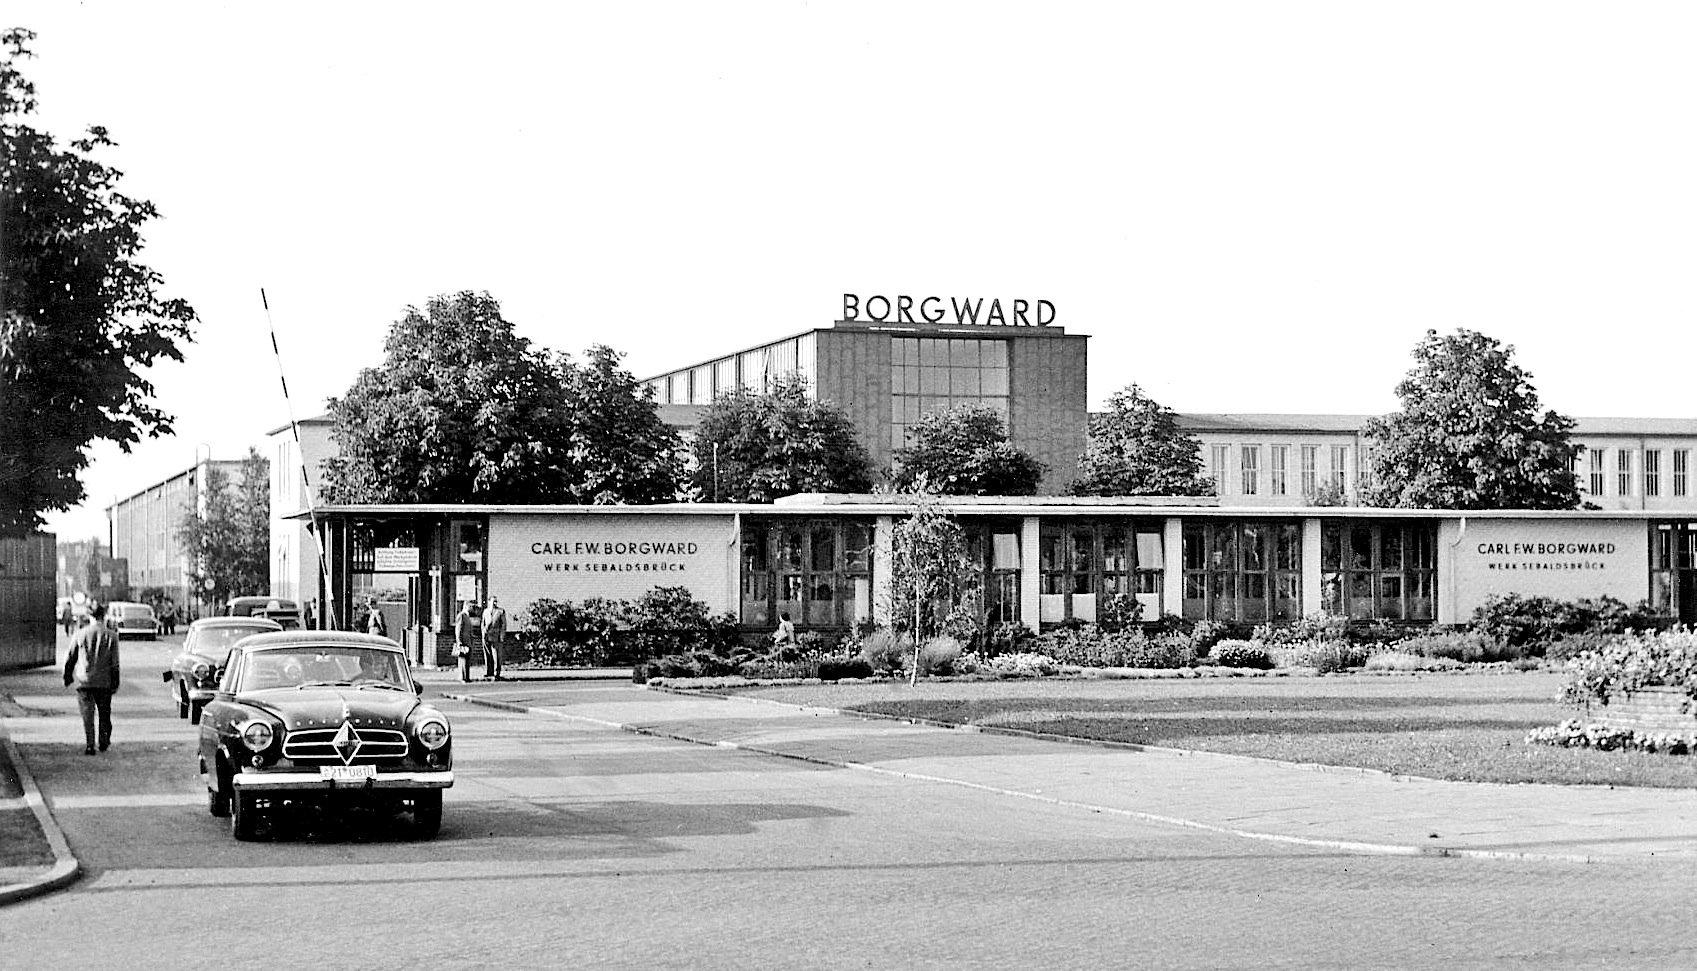 Bis zur Insolvenz 1961 wurden im Borgward-Werk in Bremen-Sebaldsbrück mehr als eine Million Fahrzeuge gebaut.